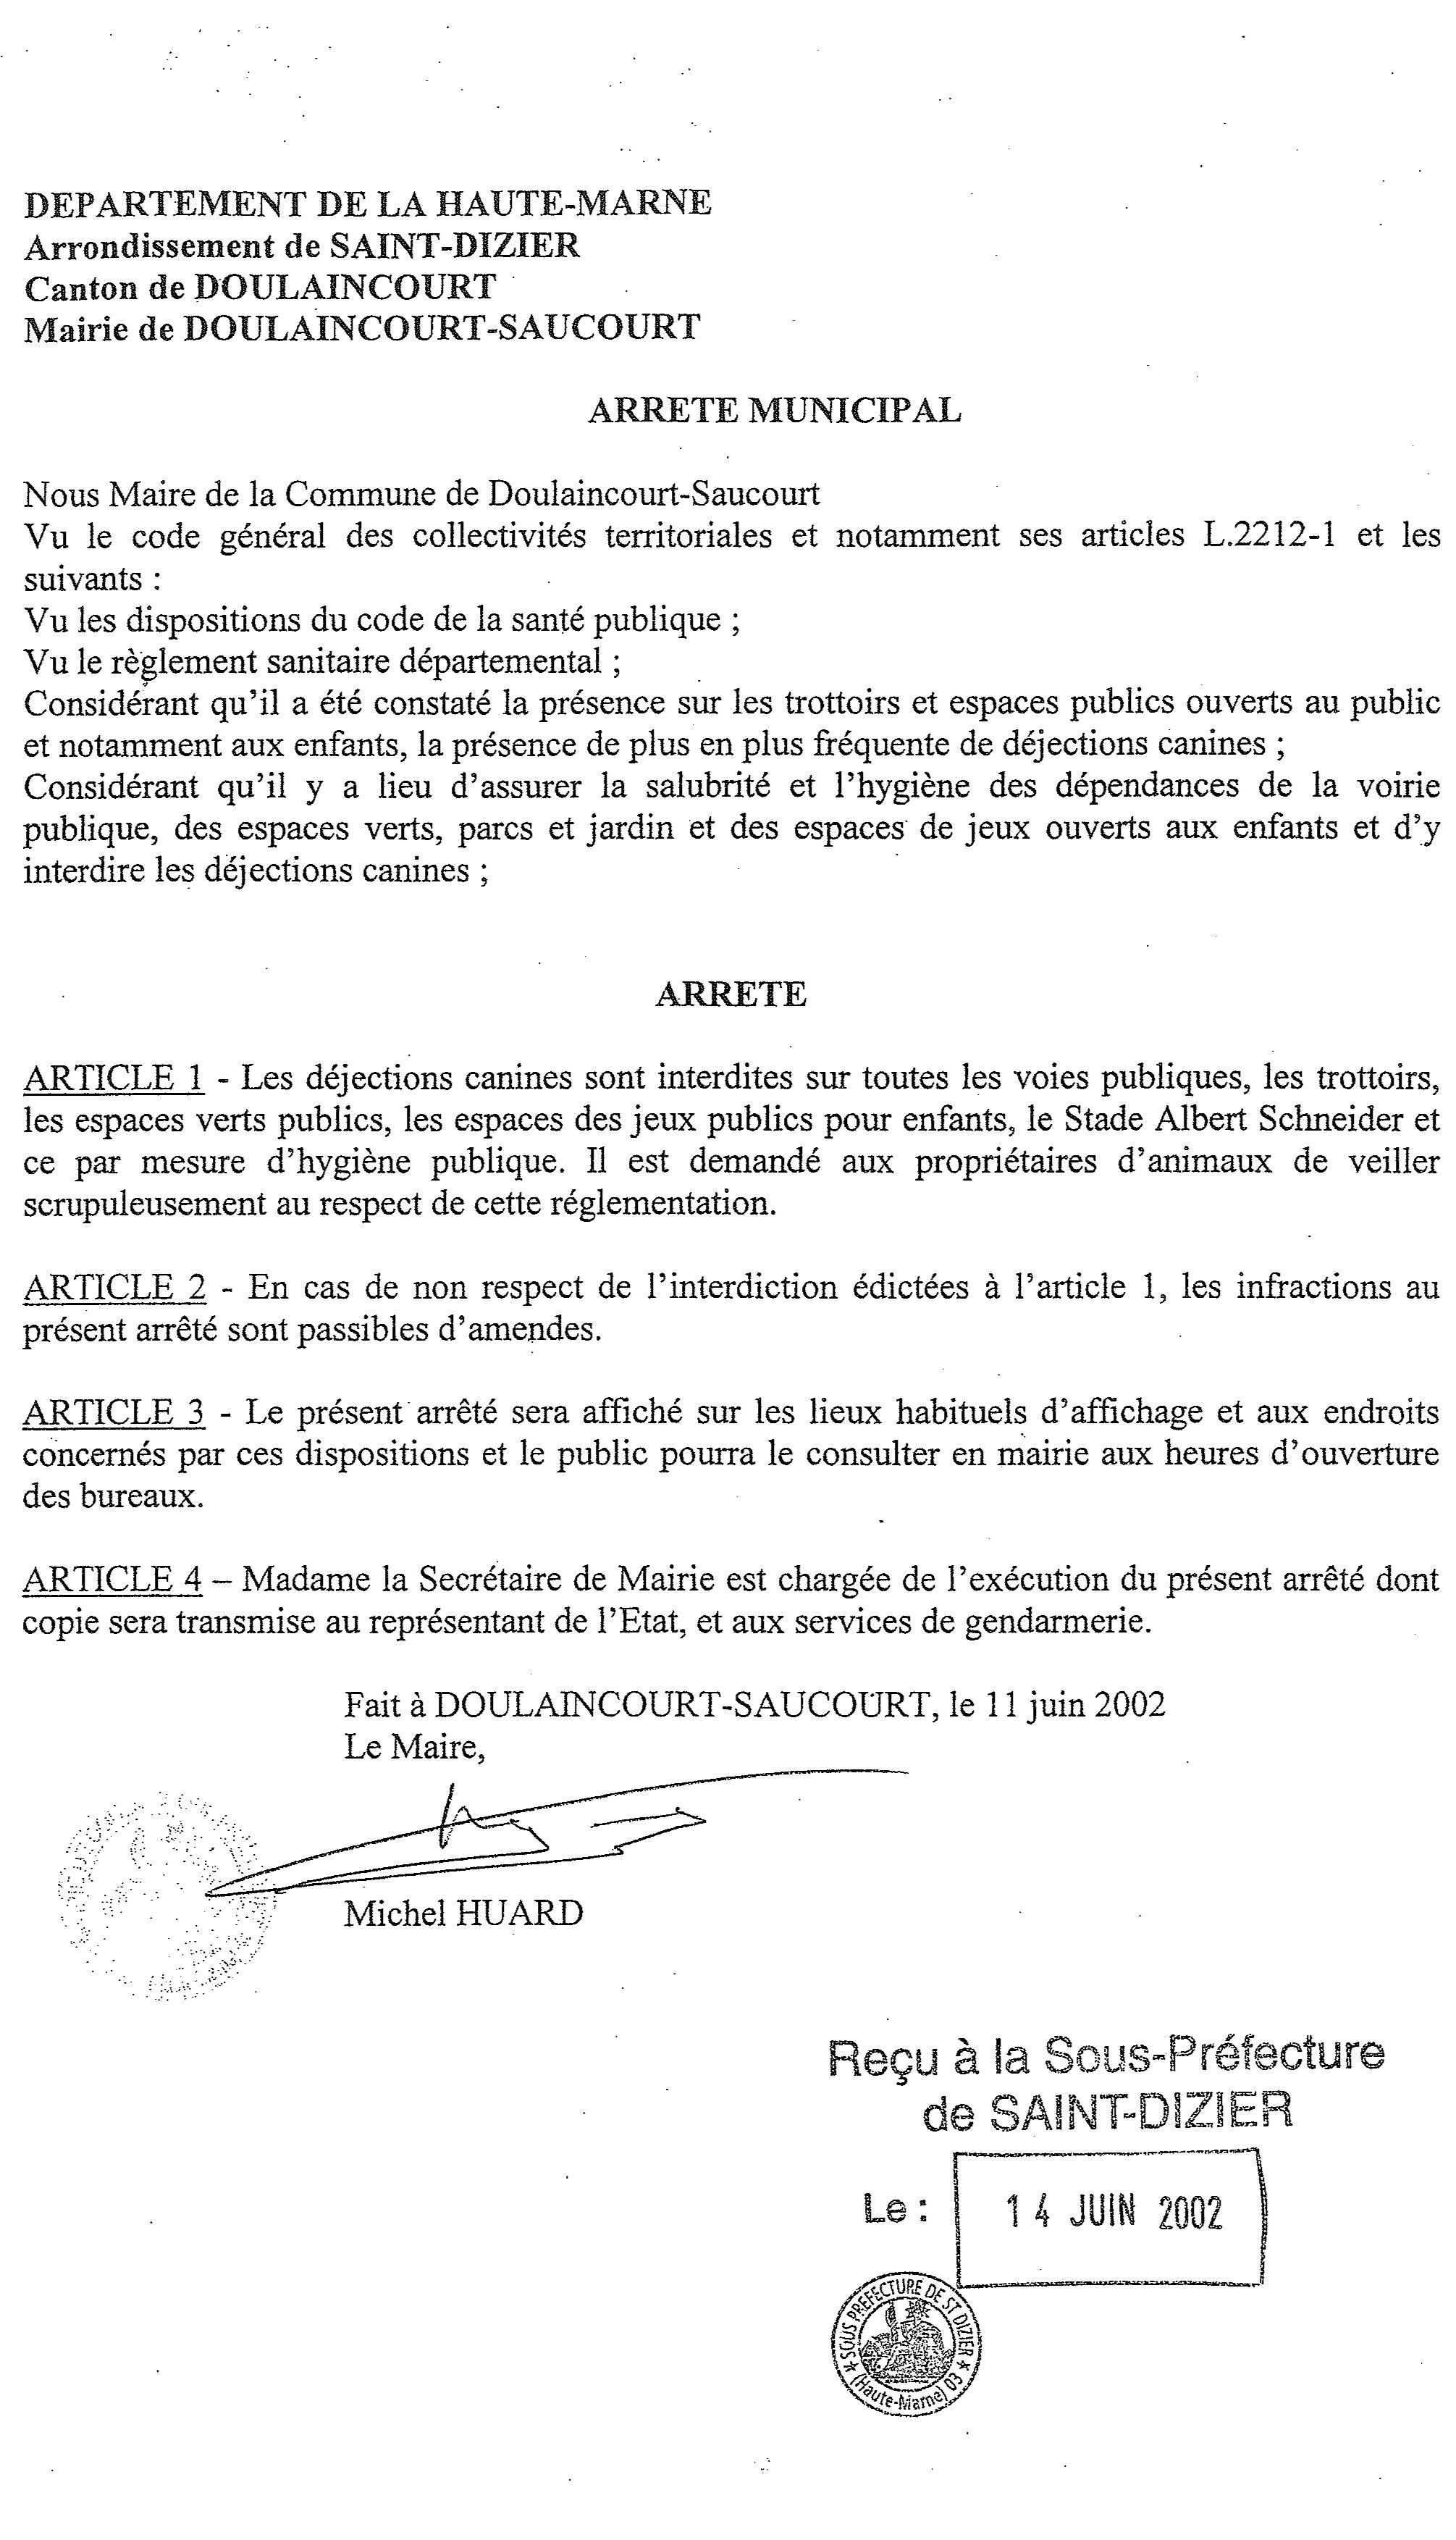 arrete-municipal-du-14-06-02